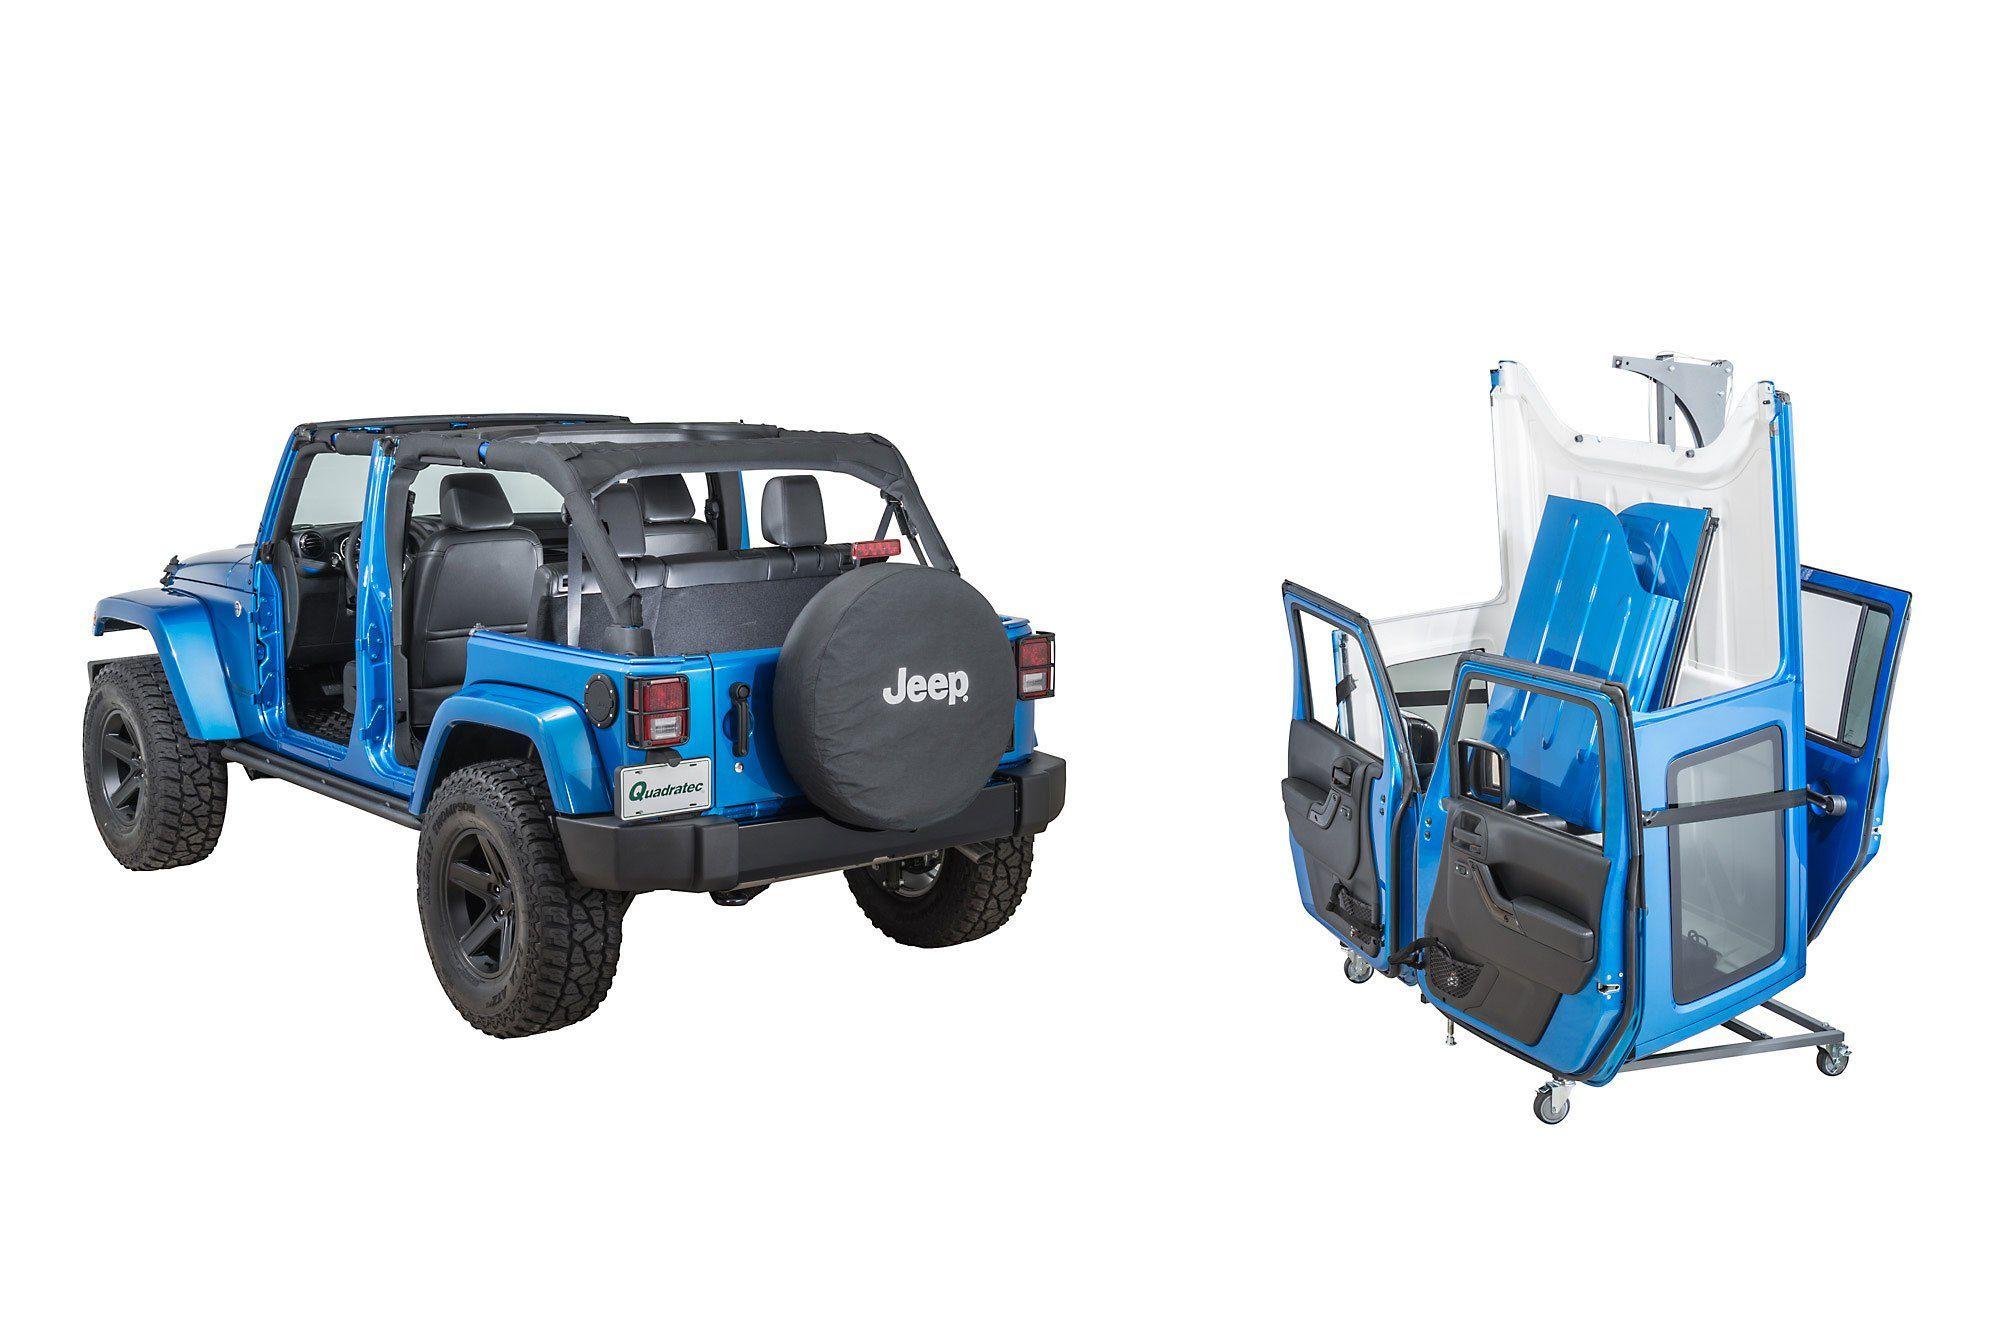 Jeep Lange Originals 014 100 Hoist A Cart Quadratec Jeep Hard Top Jeep Wrangler Hard Top Jeep Wrangler